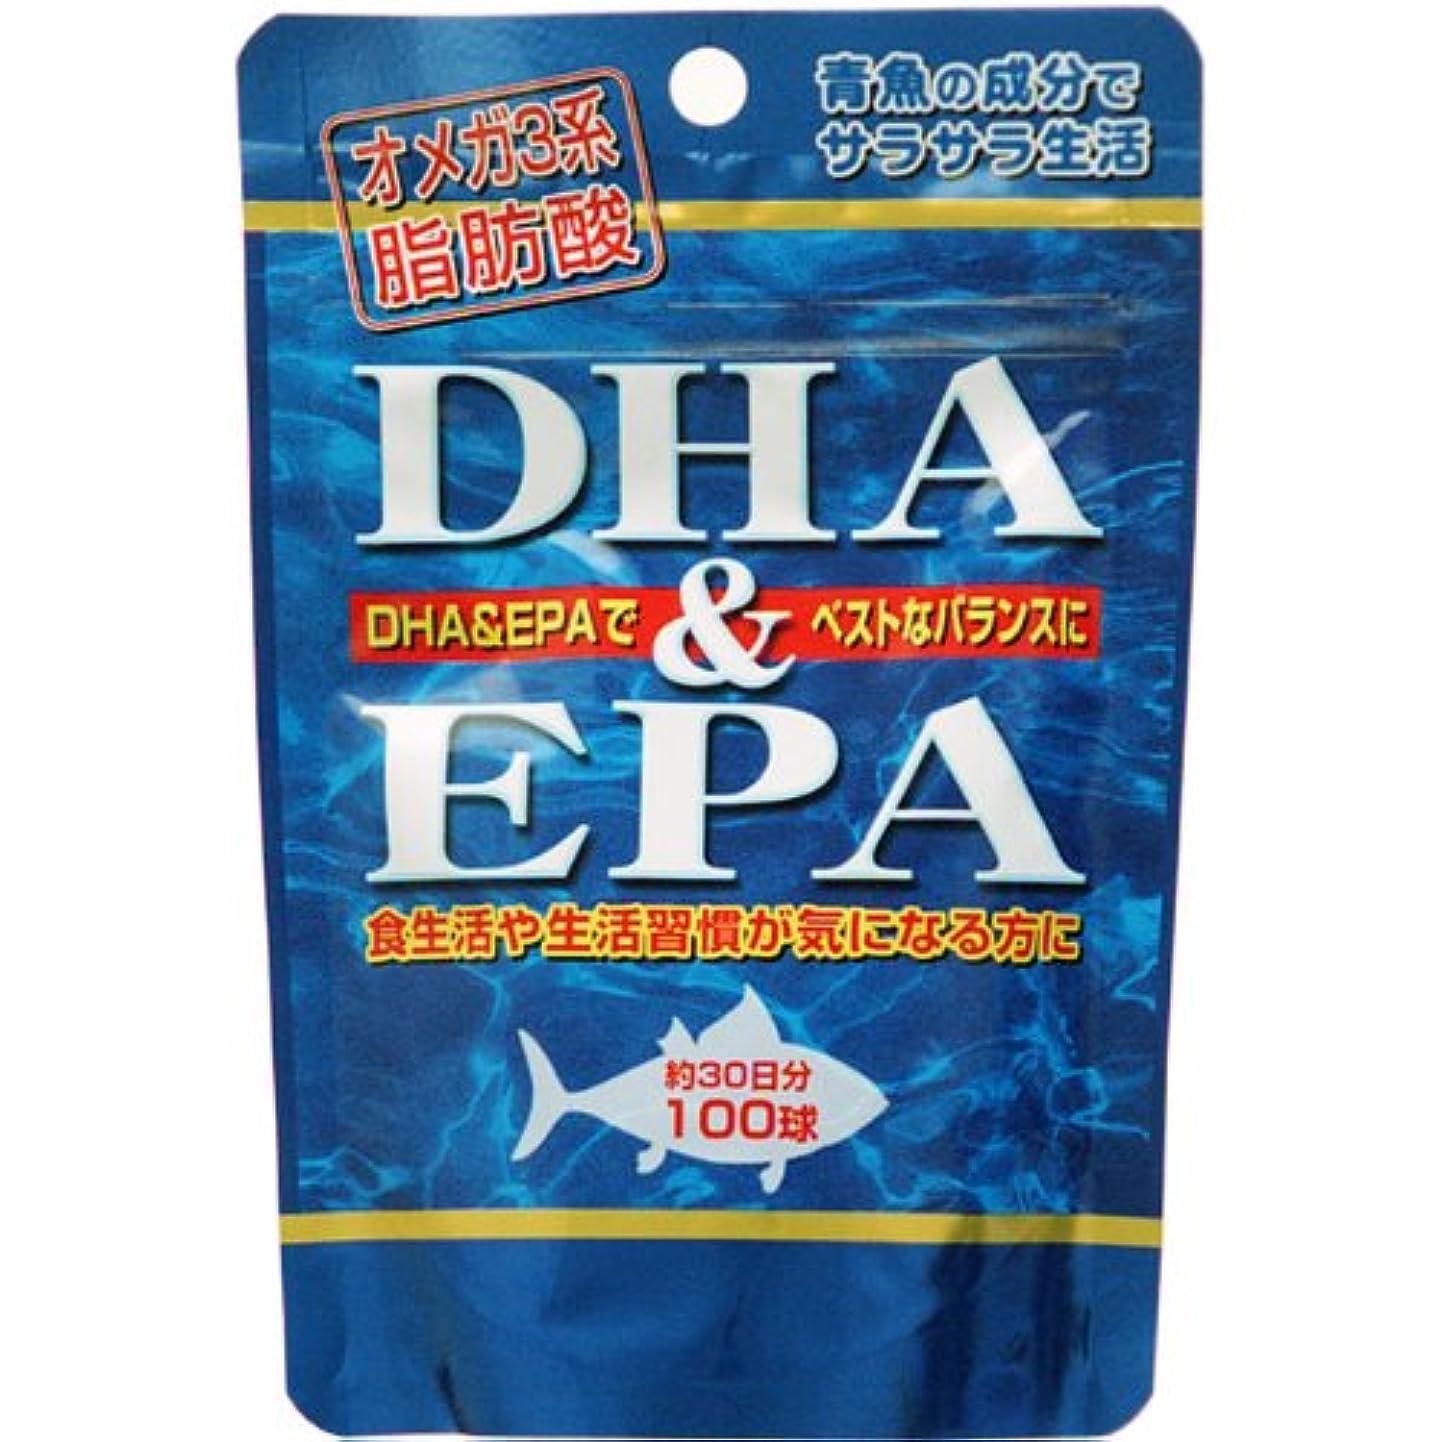 議会警官父方のDHA(ドコサヘキサエン酸)&EPA(エイコサペンタエン酸)×6